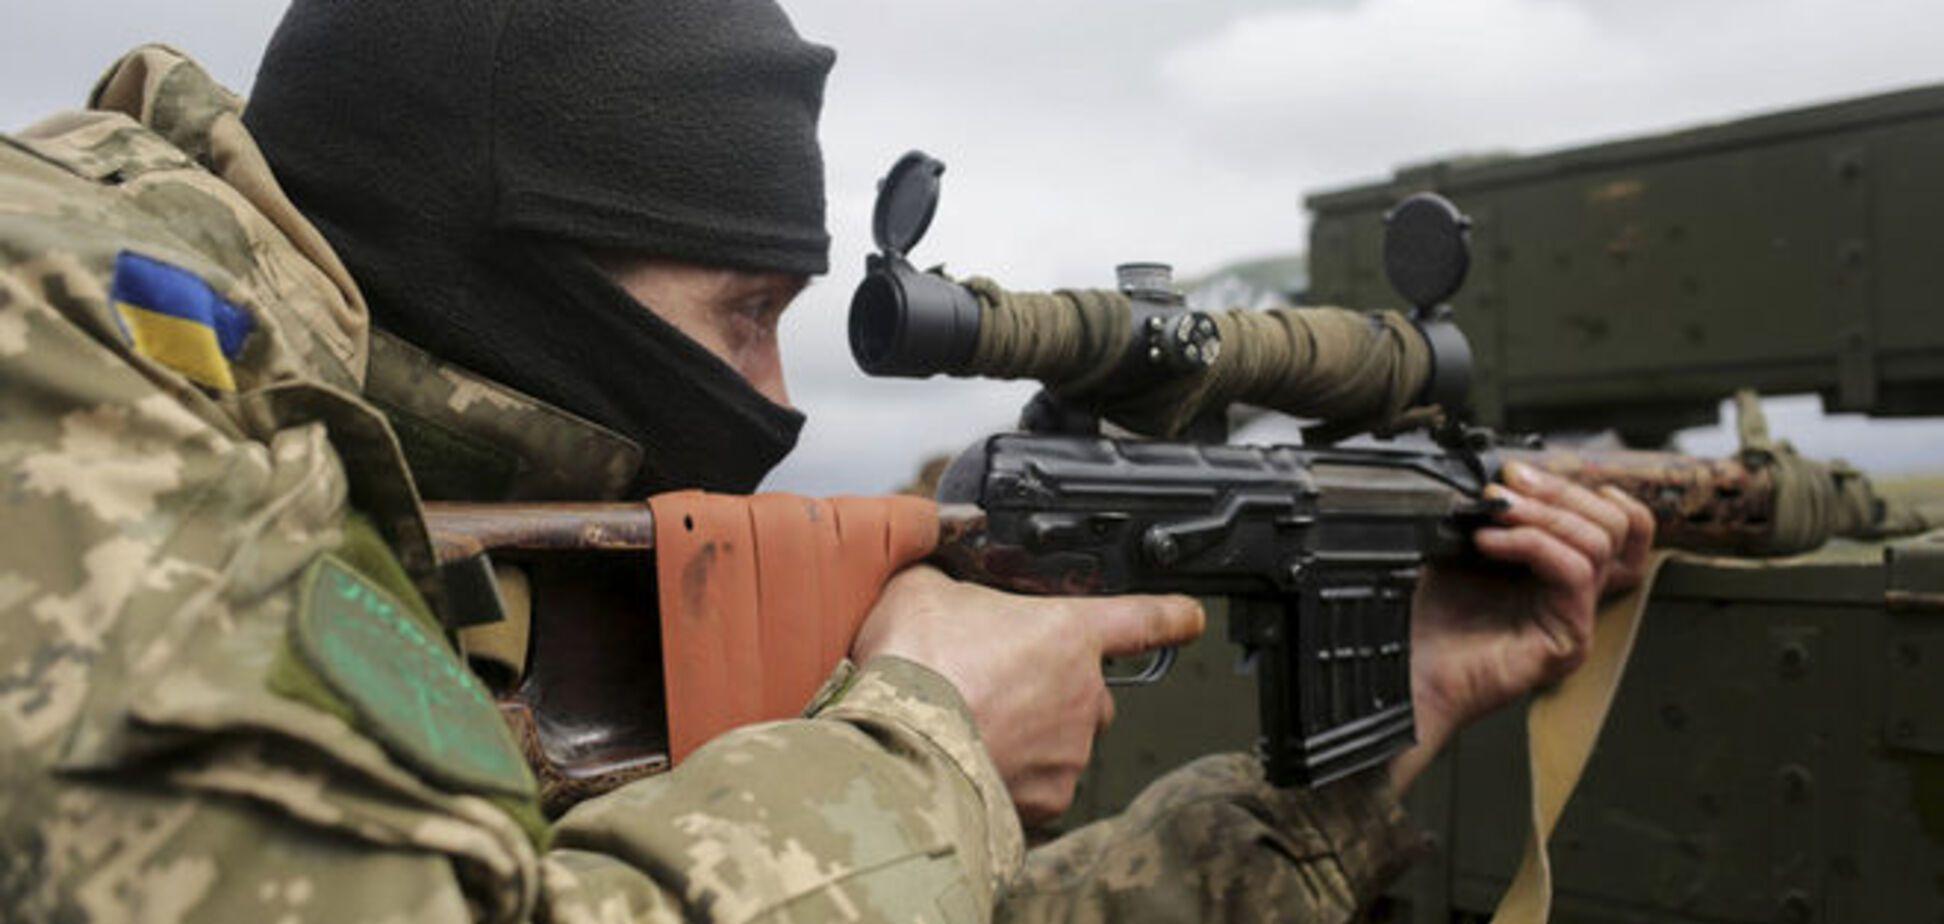 В Марьинке ликвидировали четырех российских ГРУшников - СБУ